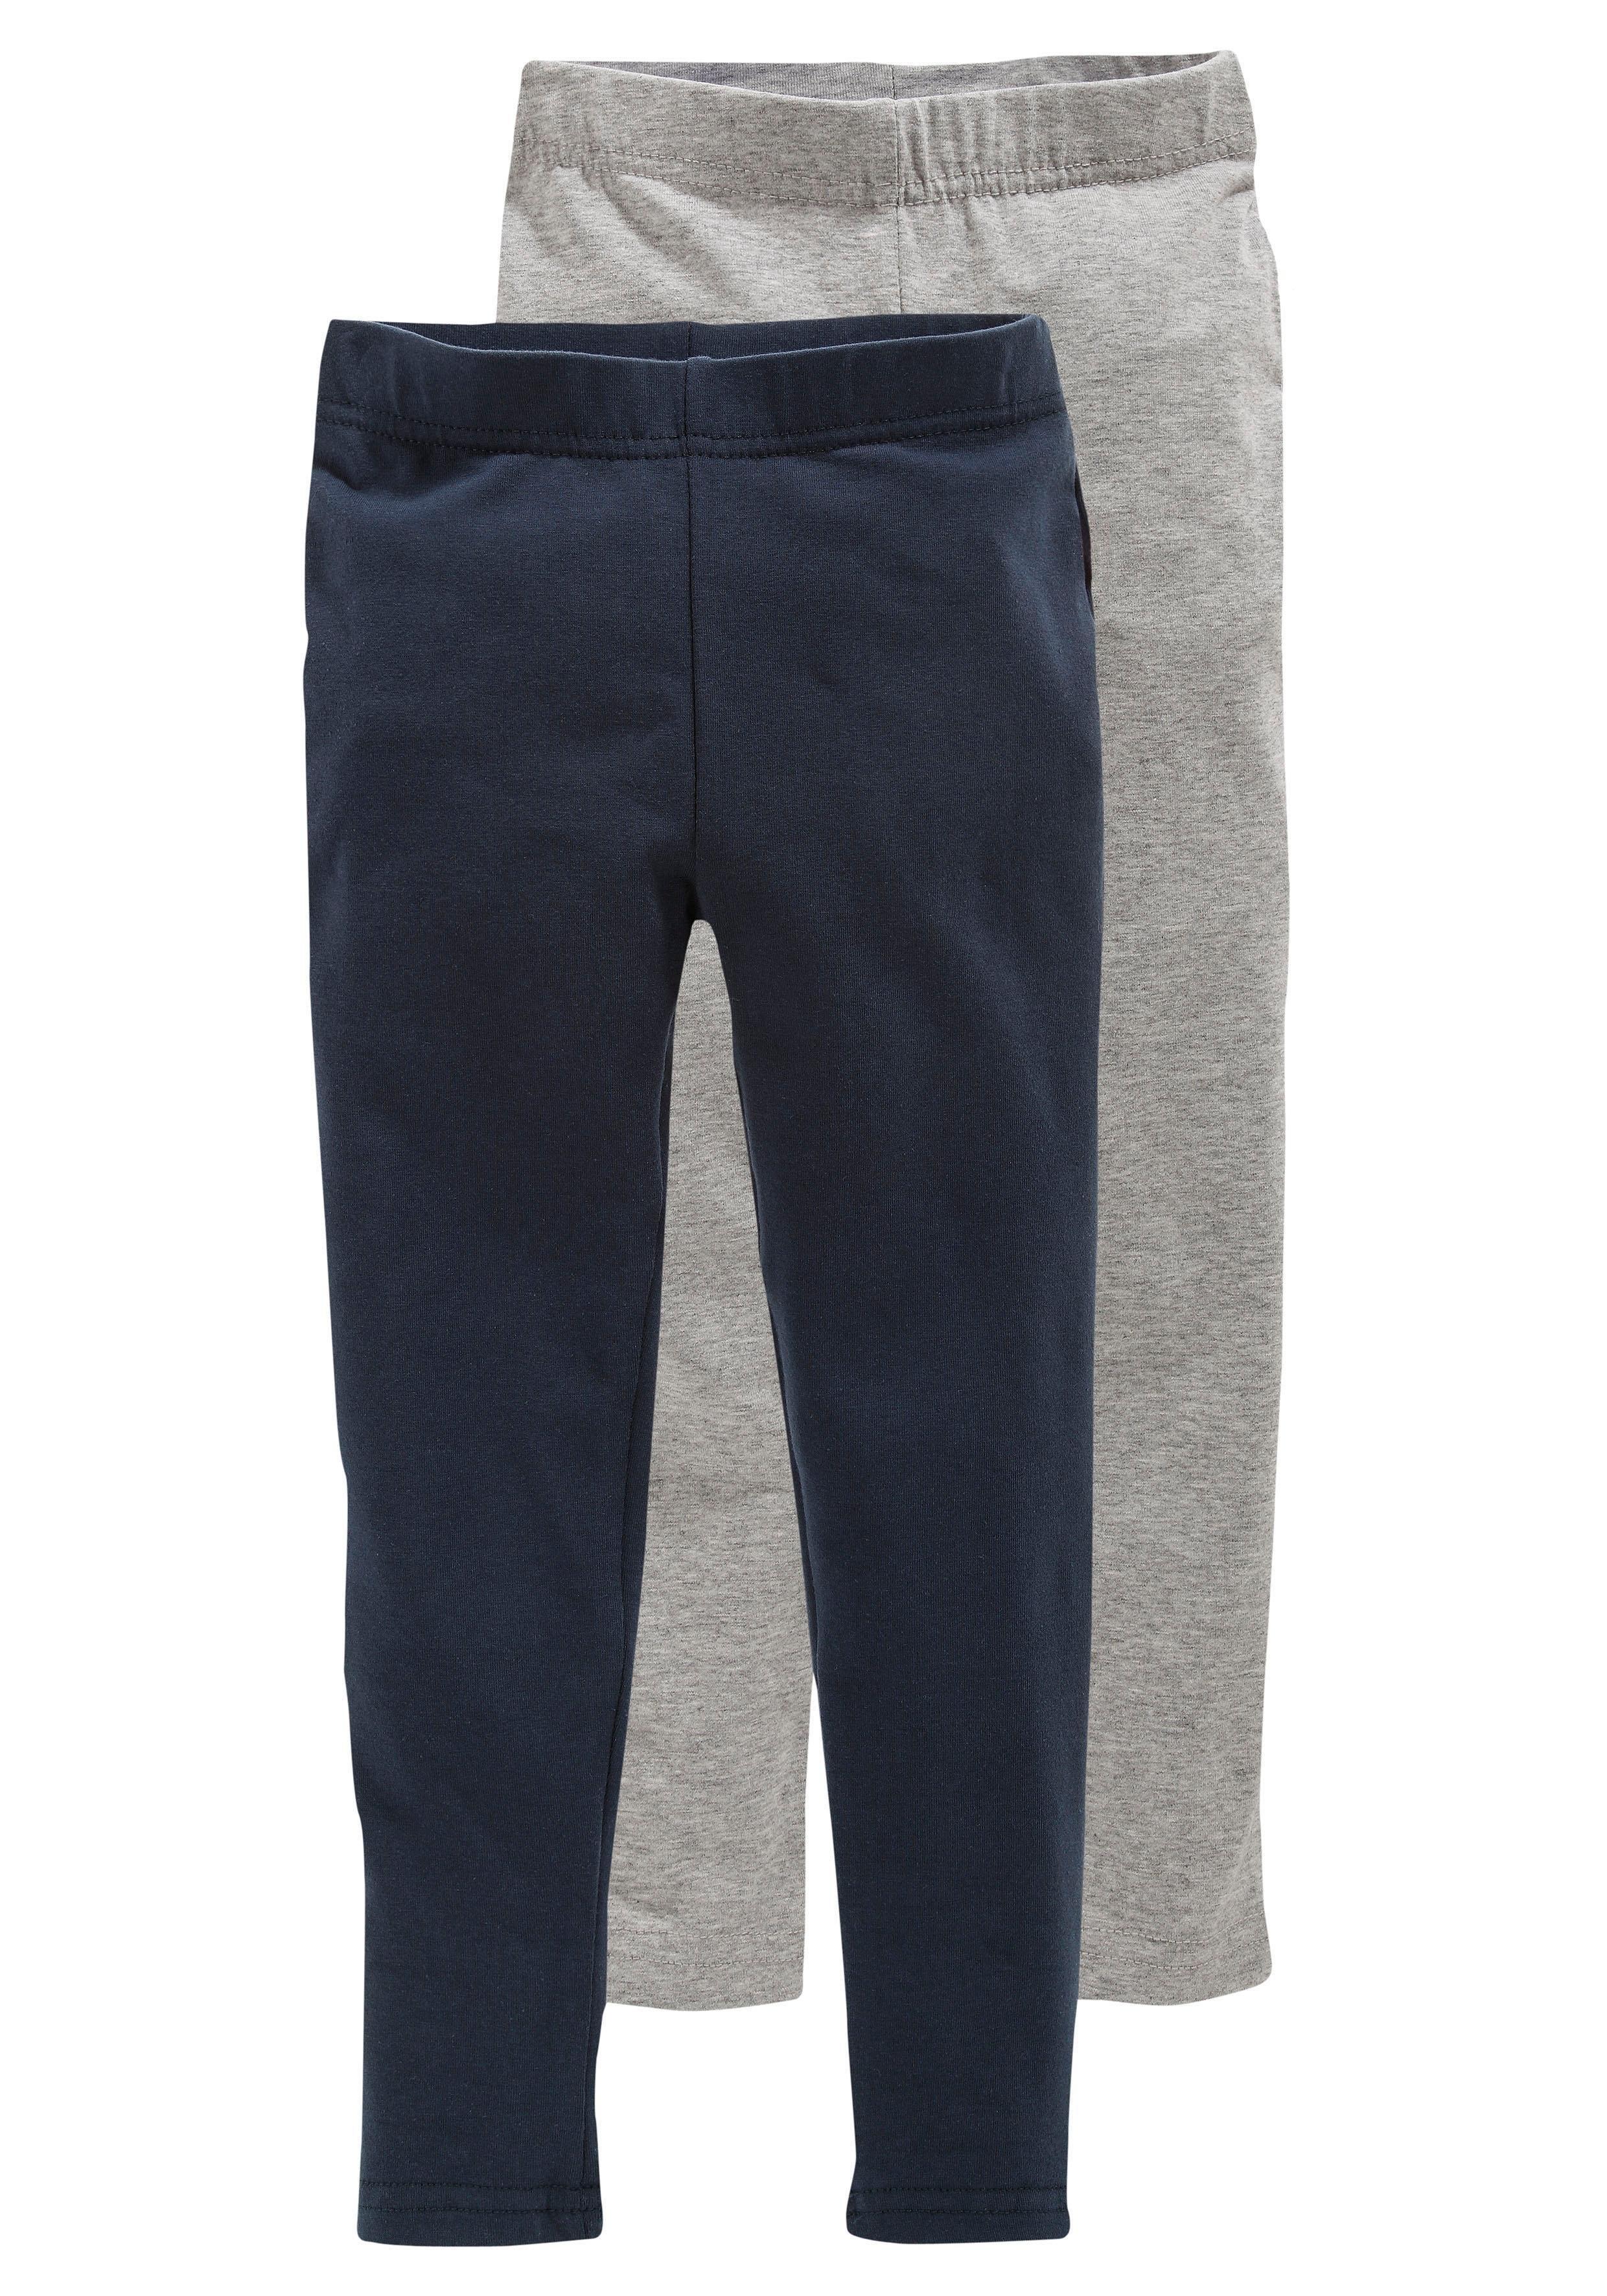 KIDSWORLD legging (set, 2-delig) bij OTTO online kopen